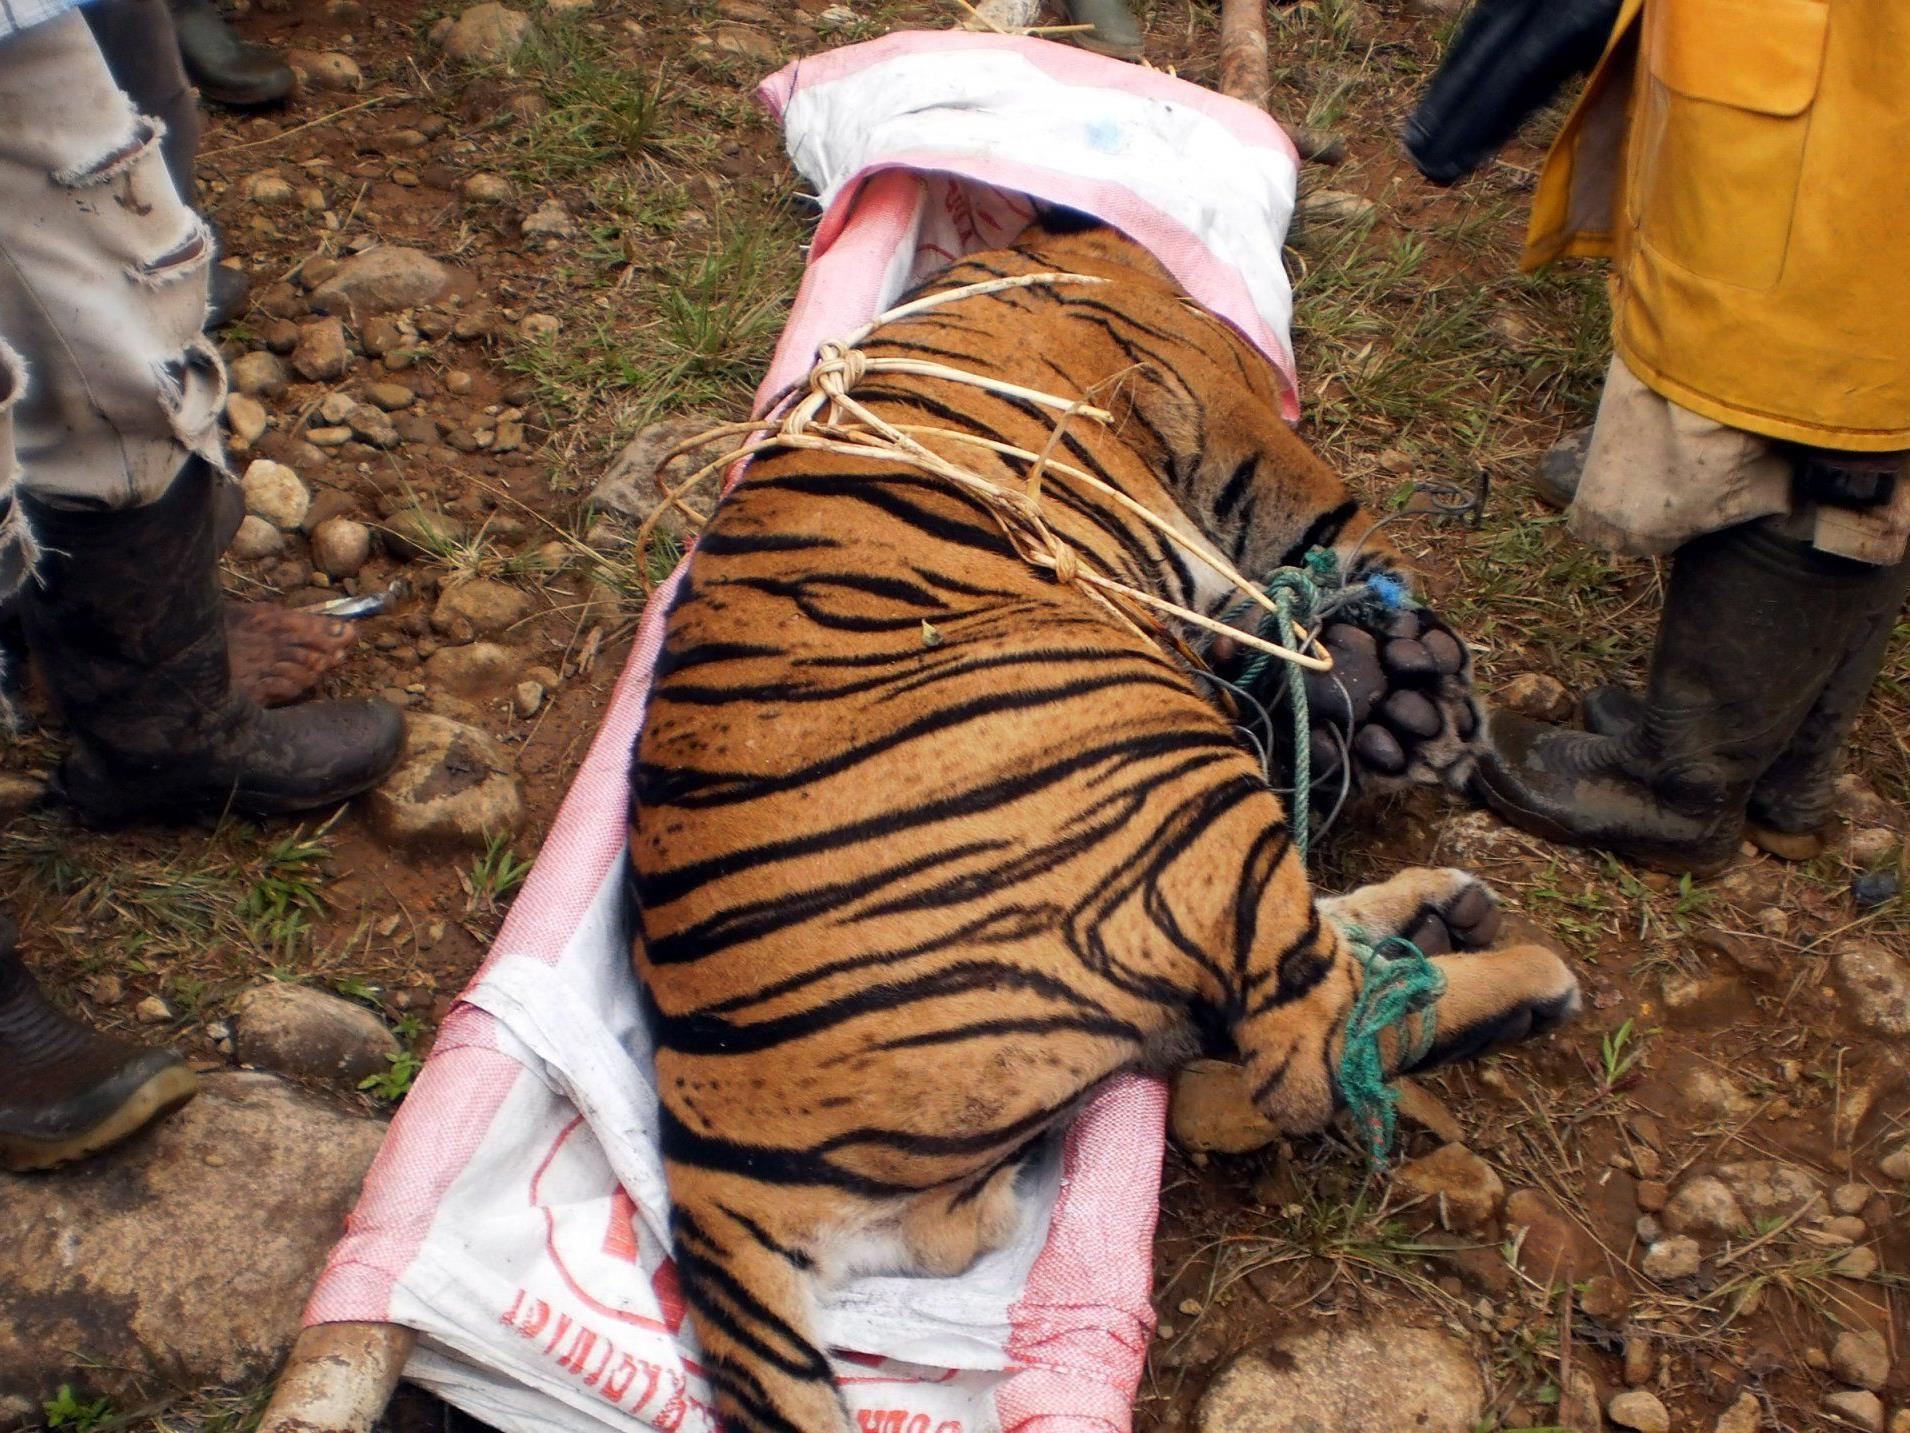 Tiger mit neun Speerstichen schwer verletzt